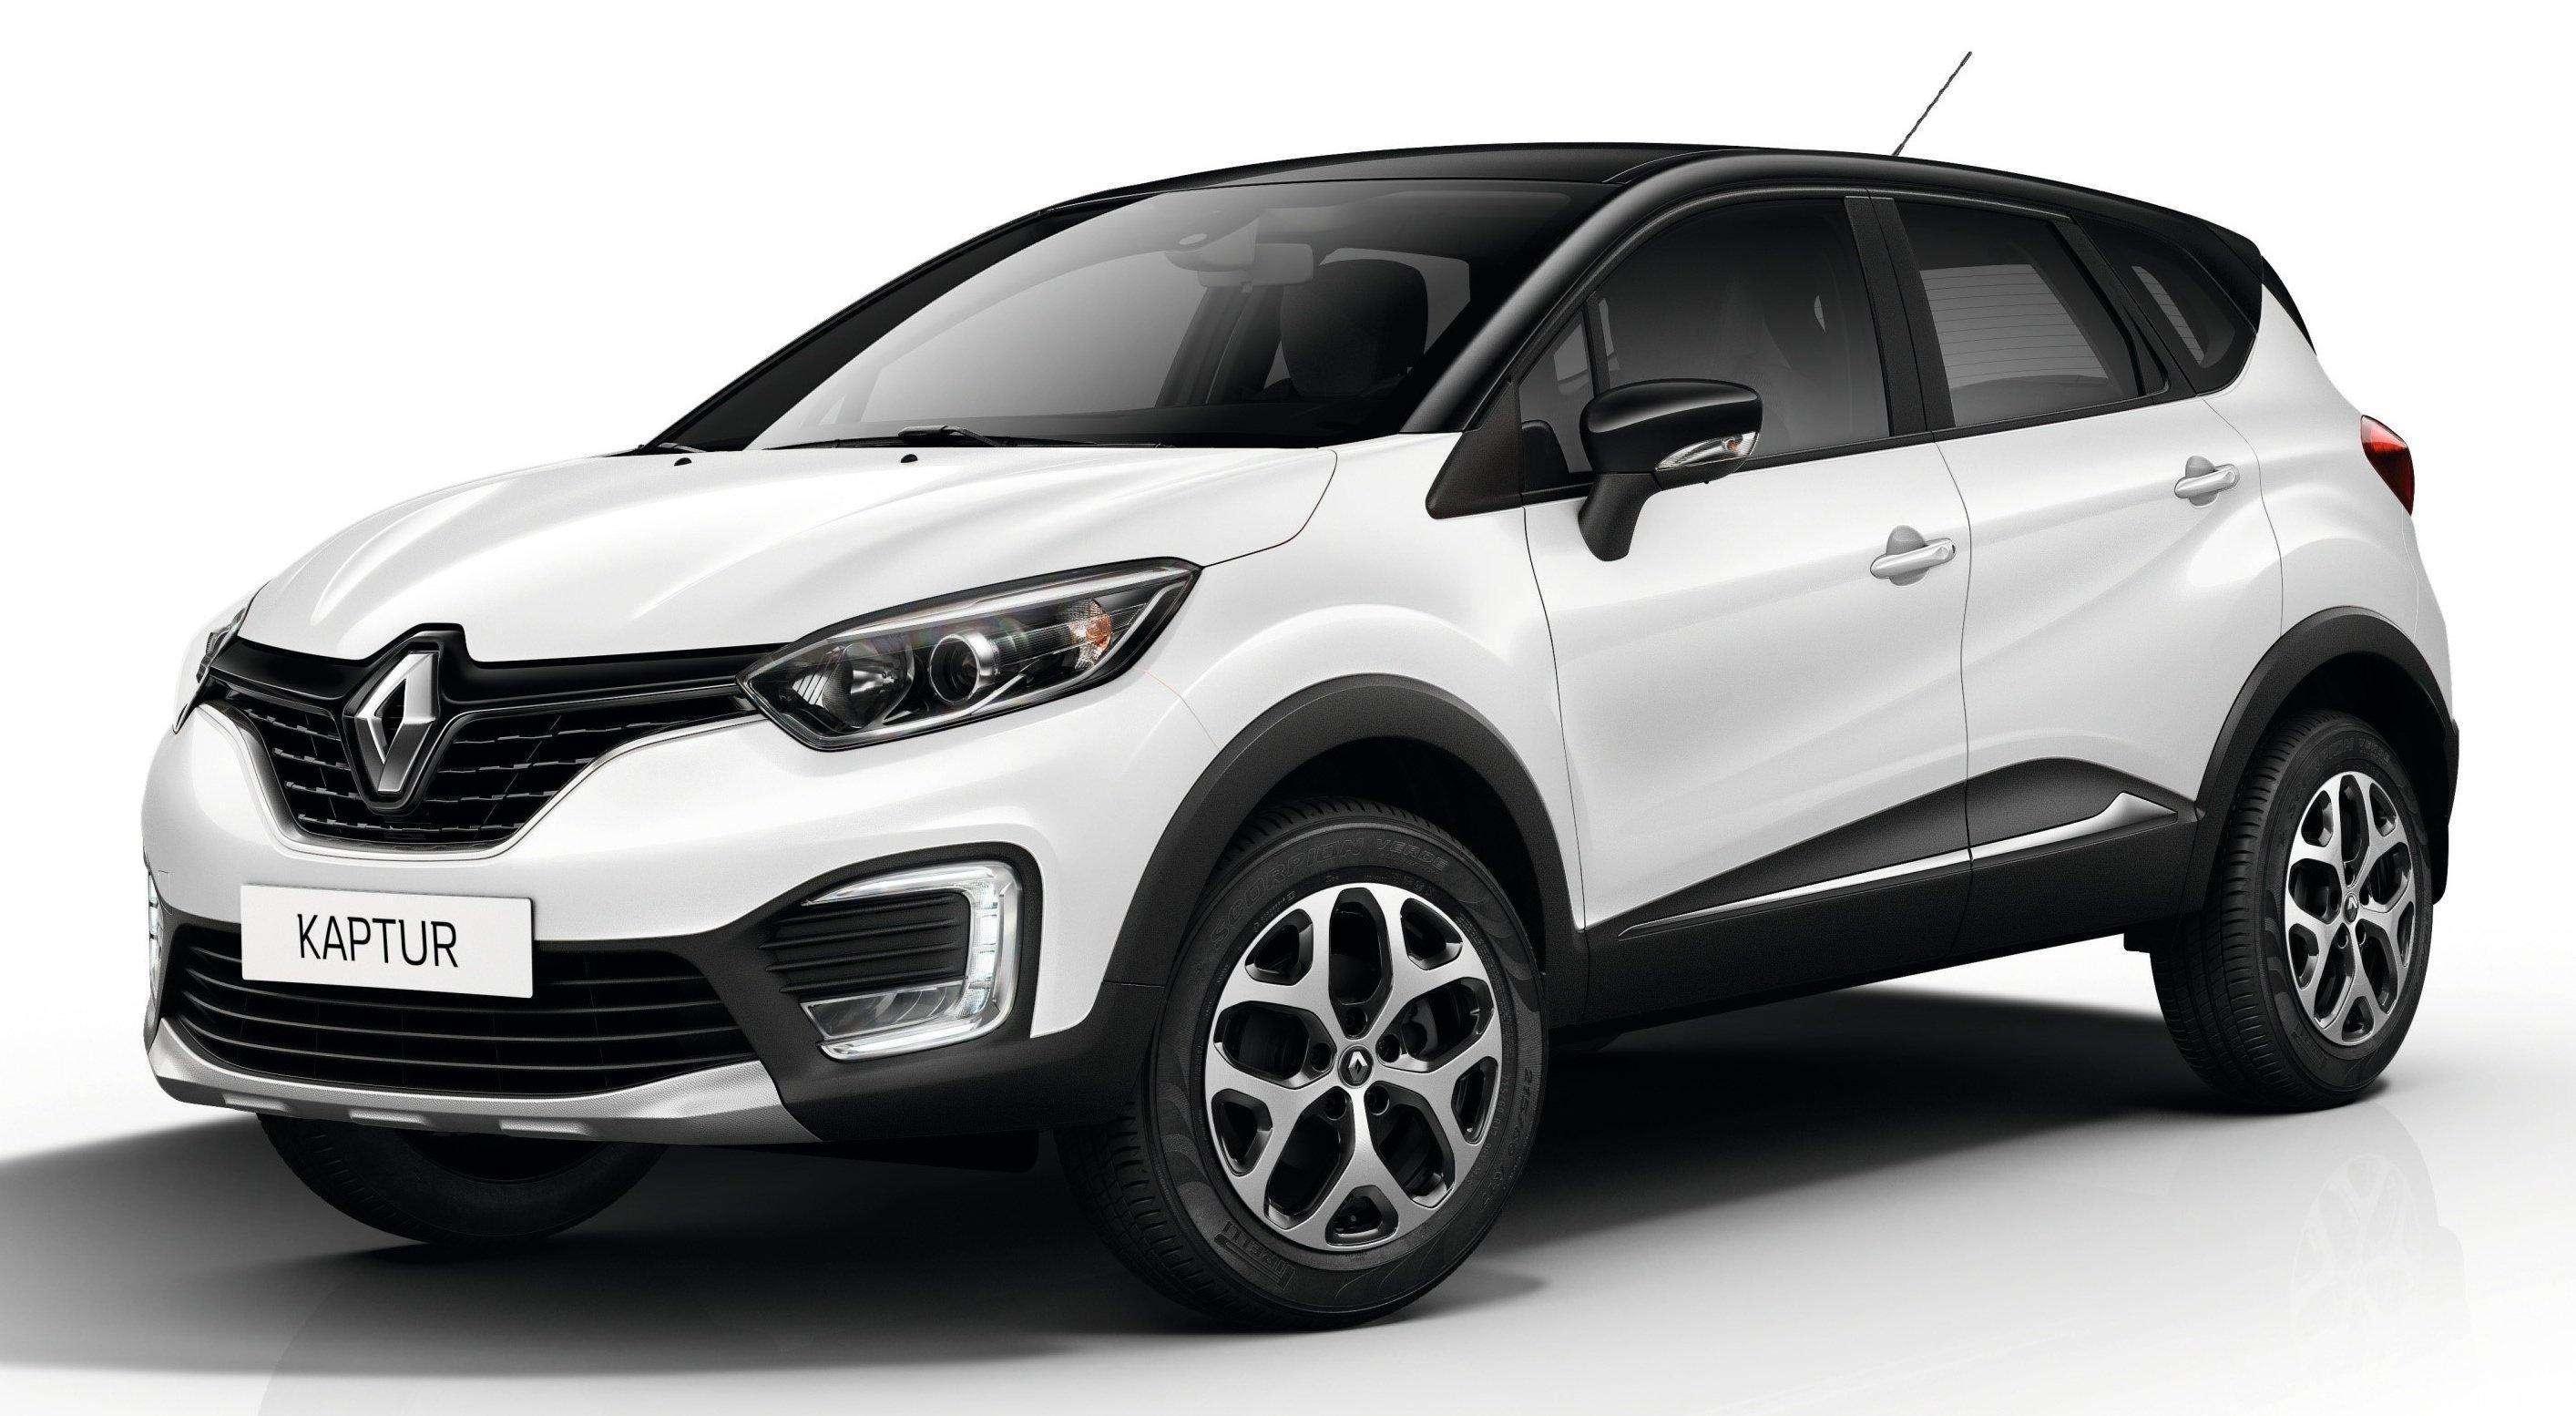 Renault Kaptur chega com robustez e design moderno